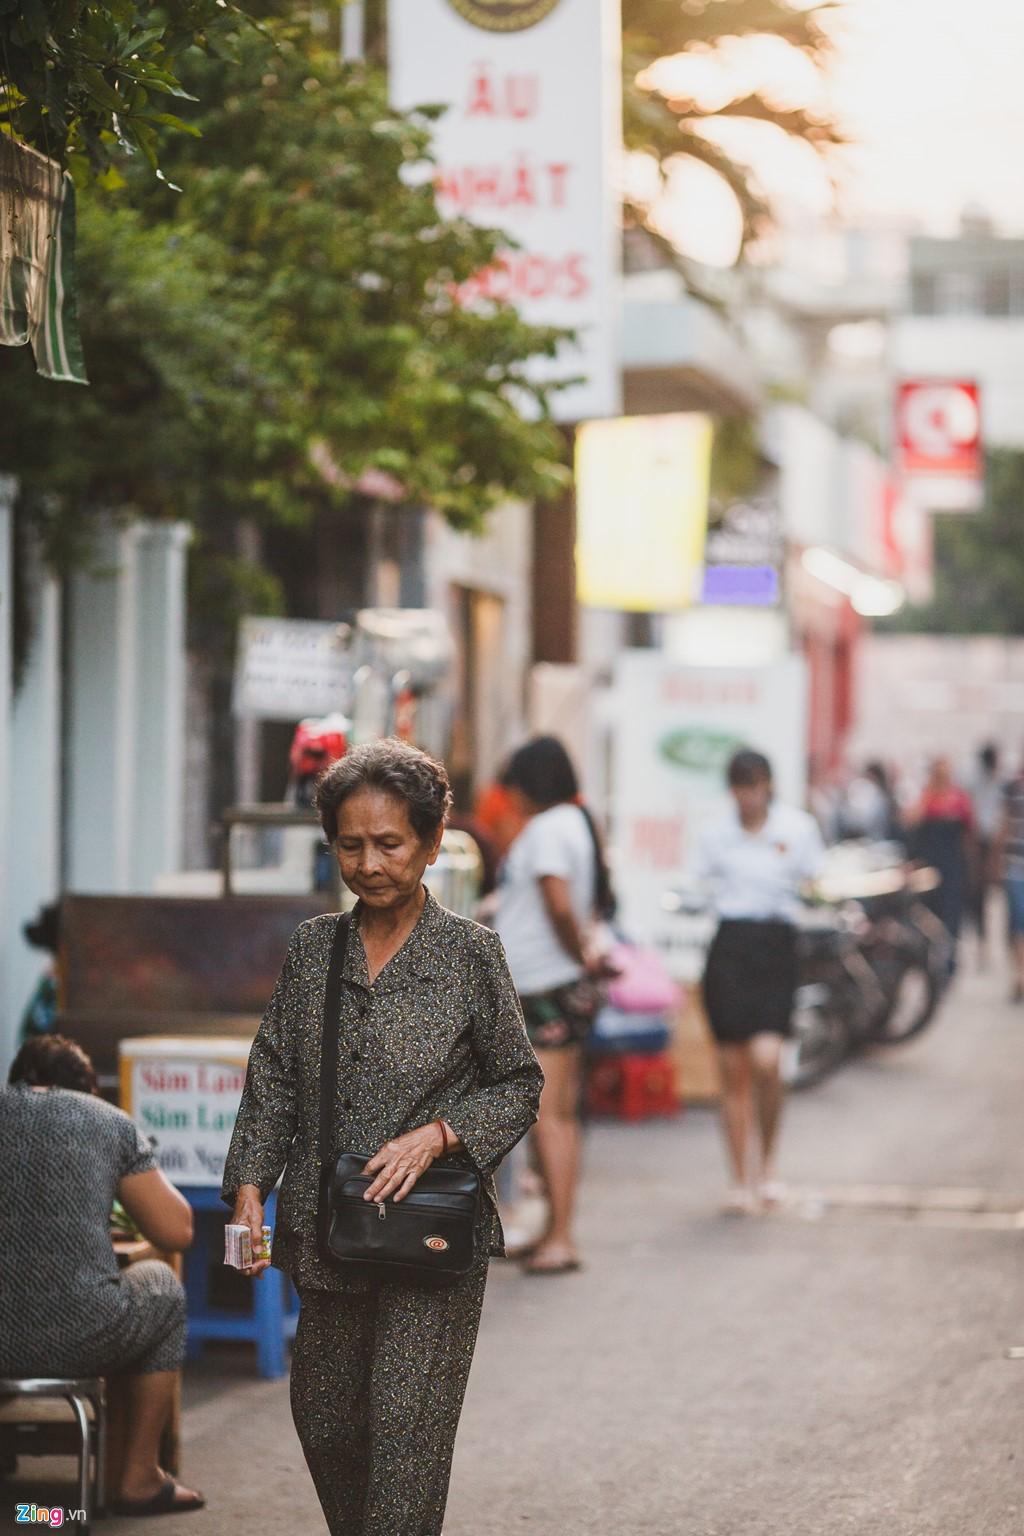 Với diện tích khoảng 3 ha, khu Mả Lạng hiện có khoảng 550 hộ dân với hơn 2.500 nhân khẩu. Trong đó, đa phần là những người làm nghề lao động tay chân như lái xe ôm, bán vé số, hàng rong,...